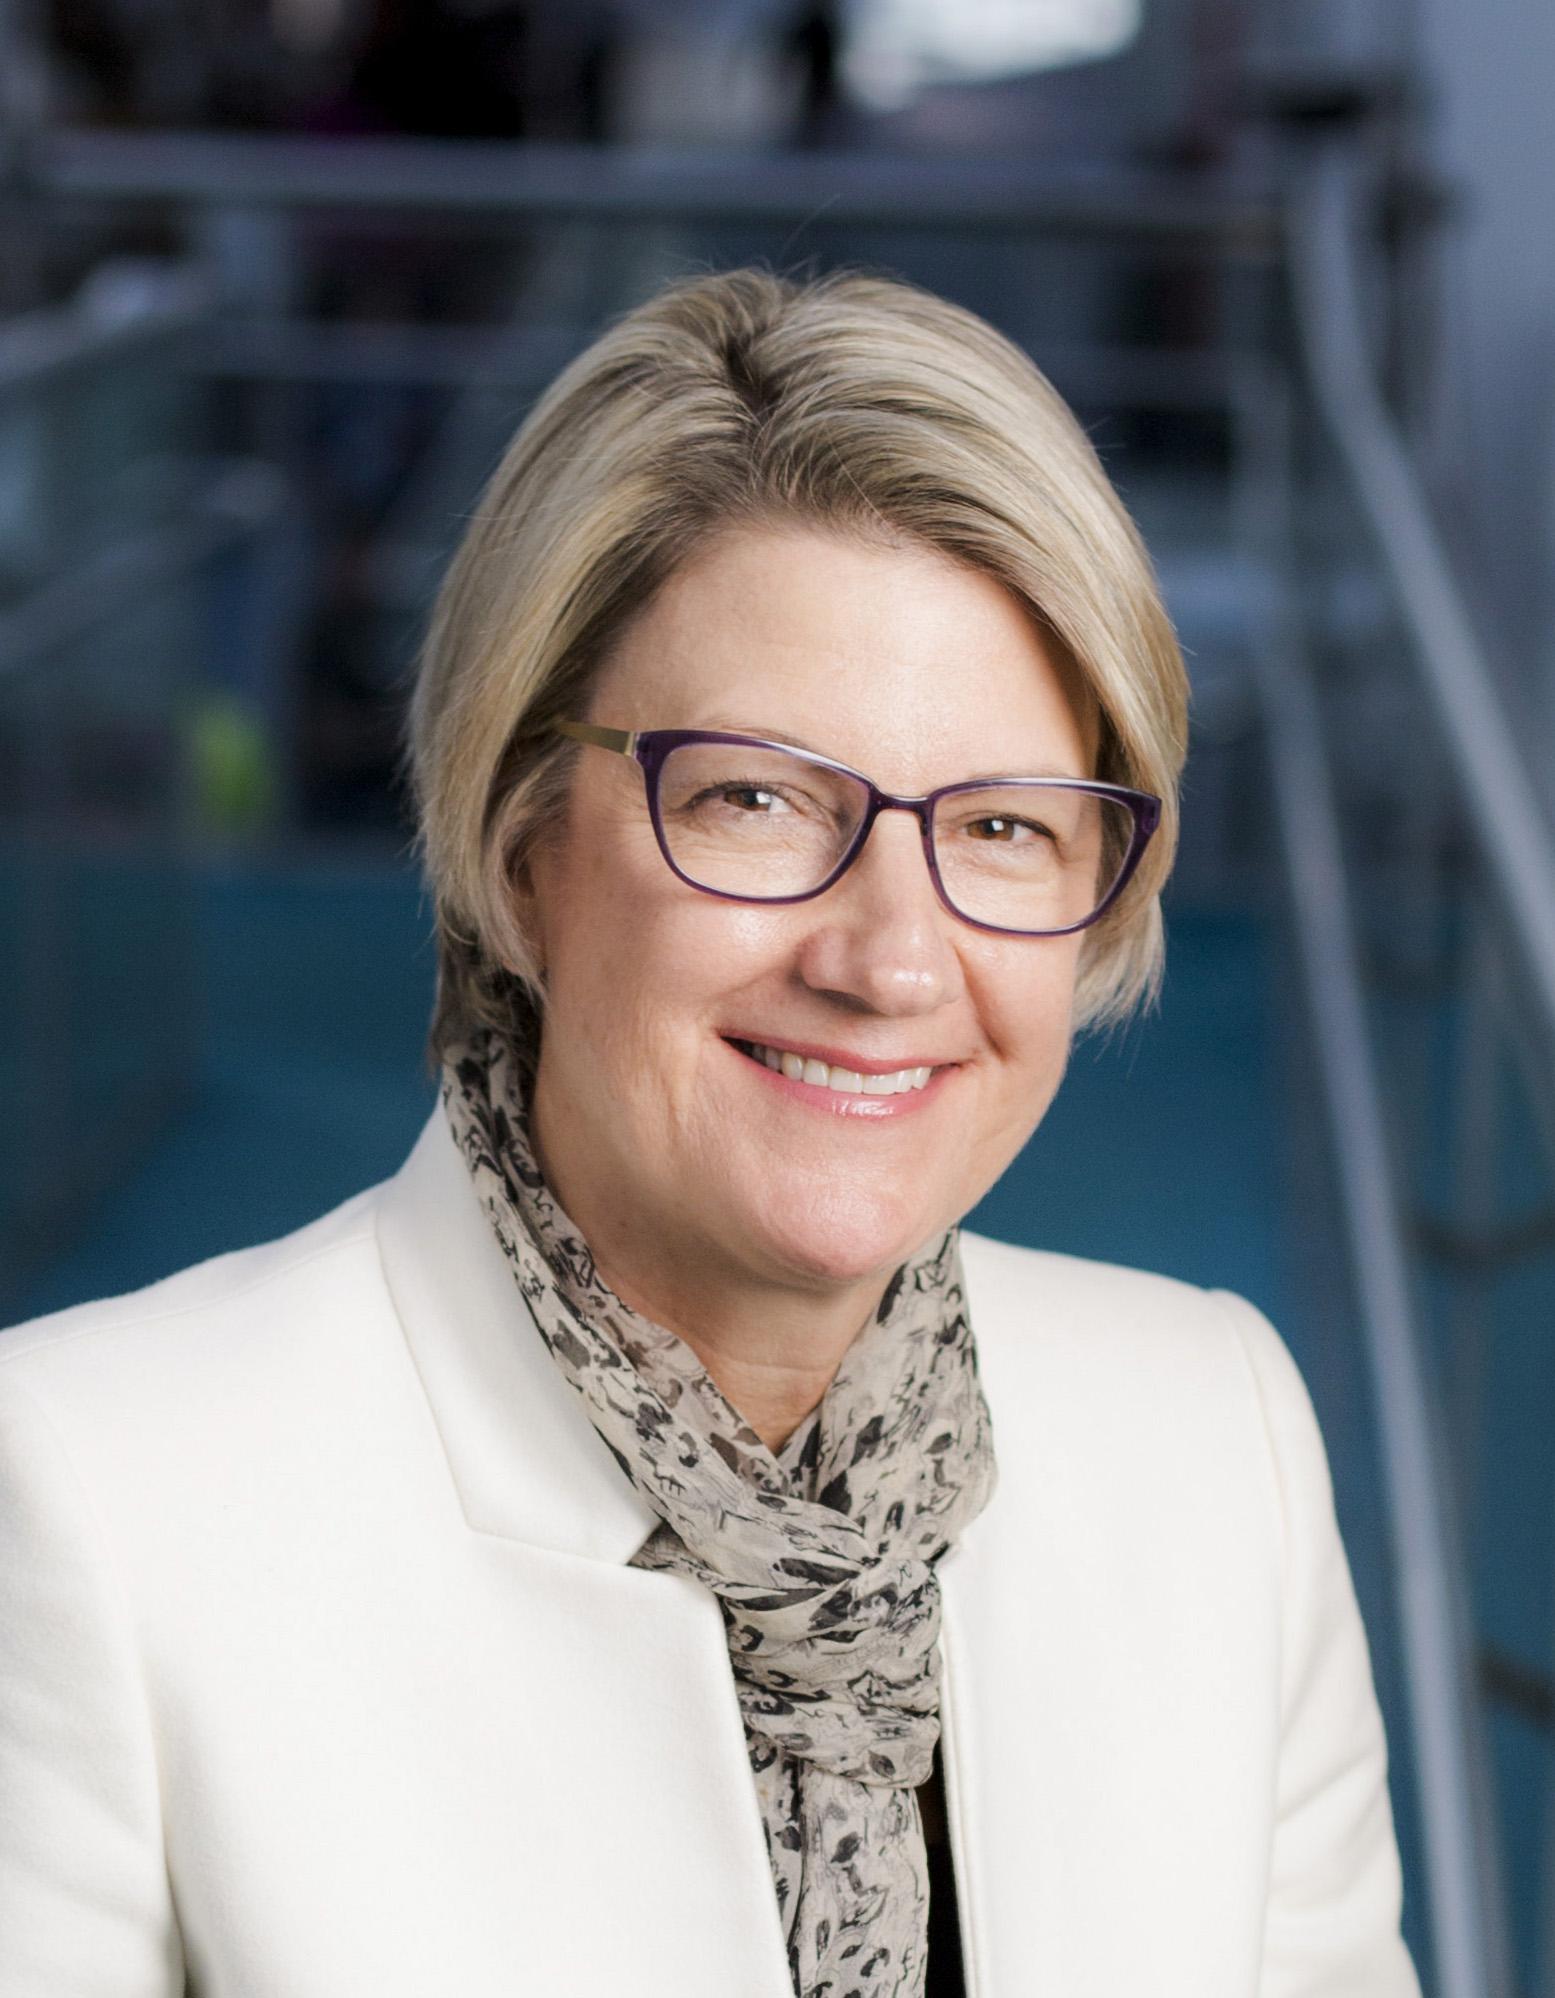 Elizabeth Koff, Secretary NSW Health